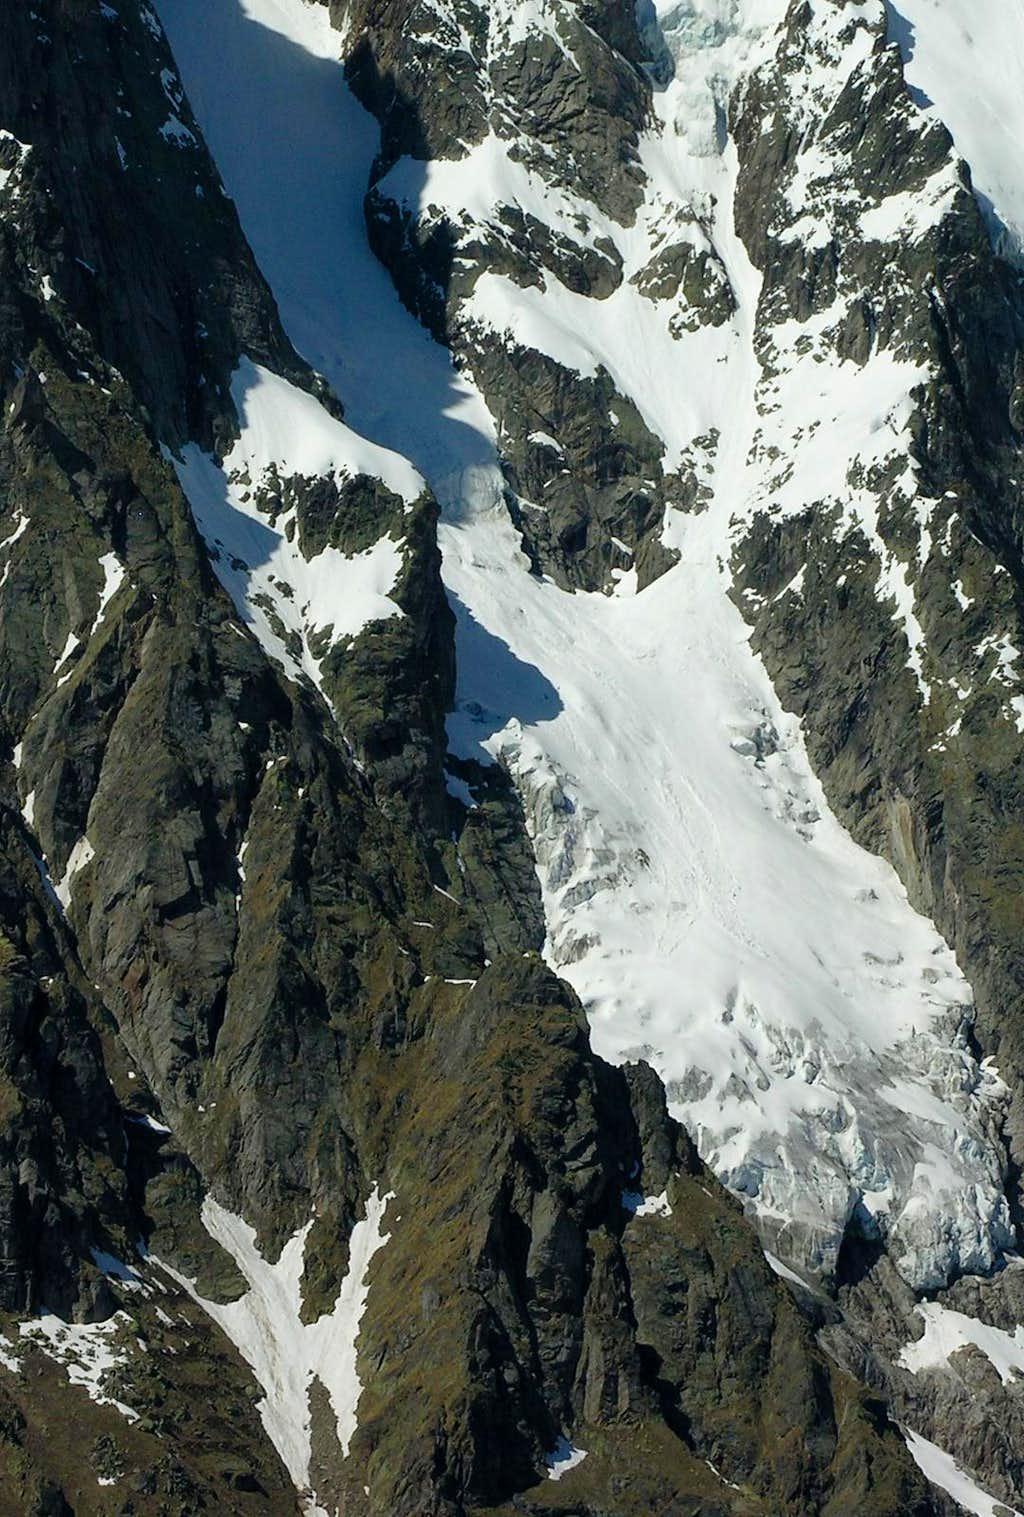 Pra Sec Glacier